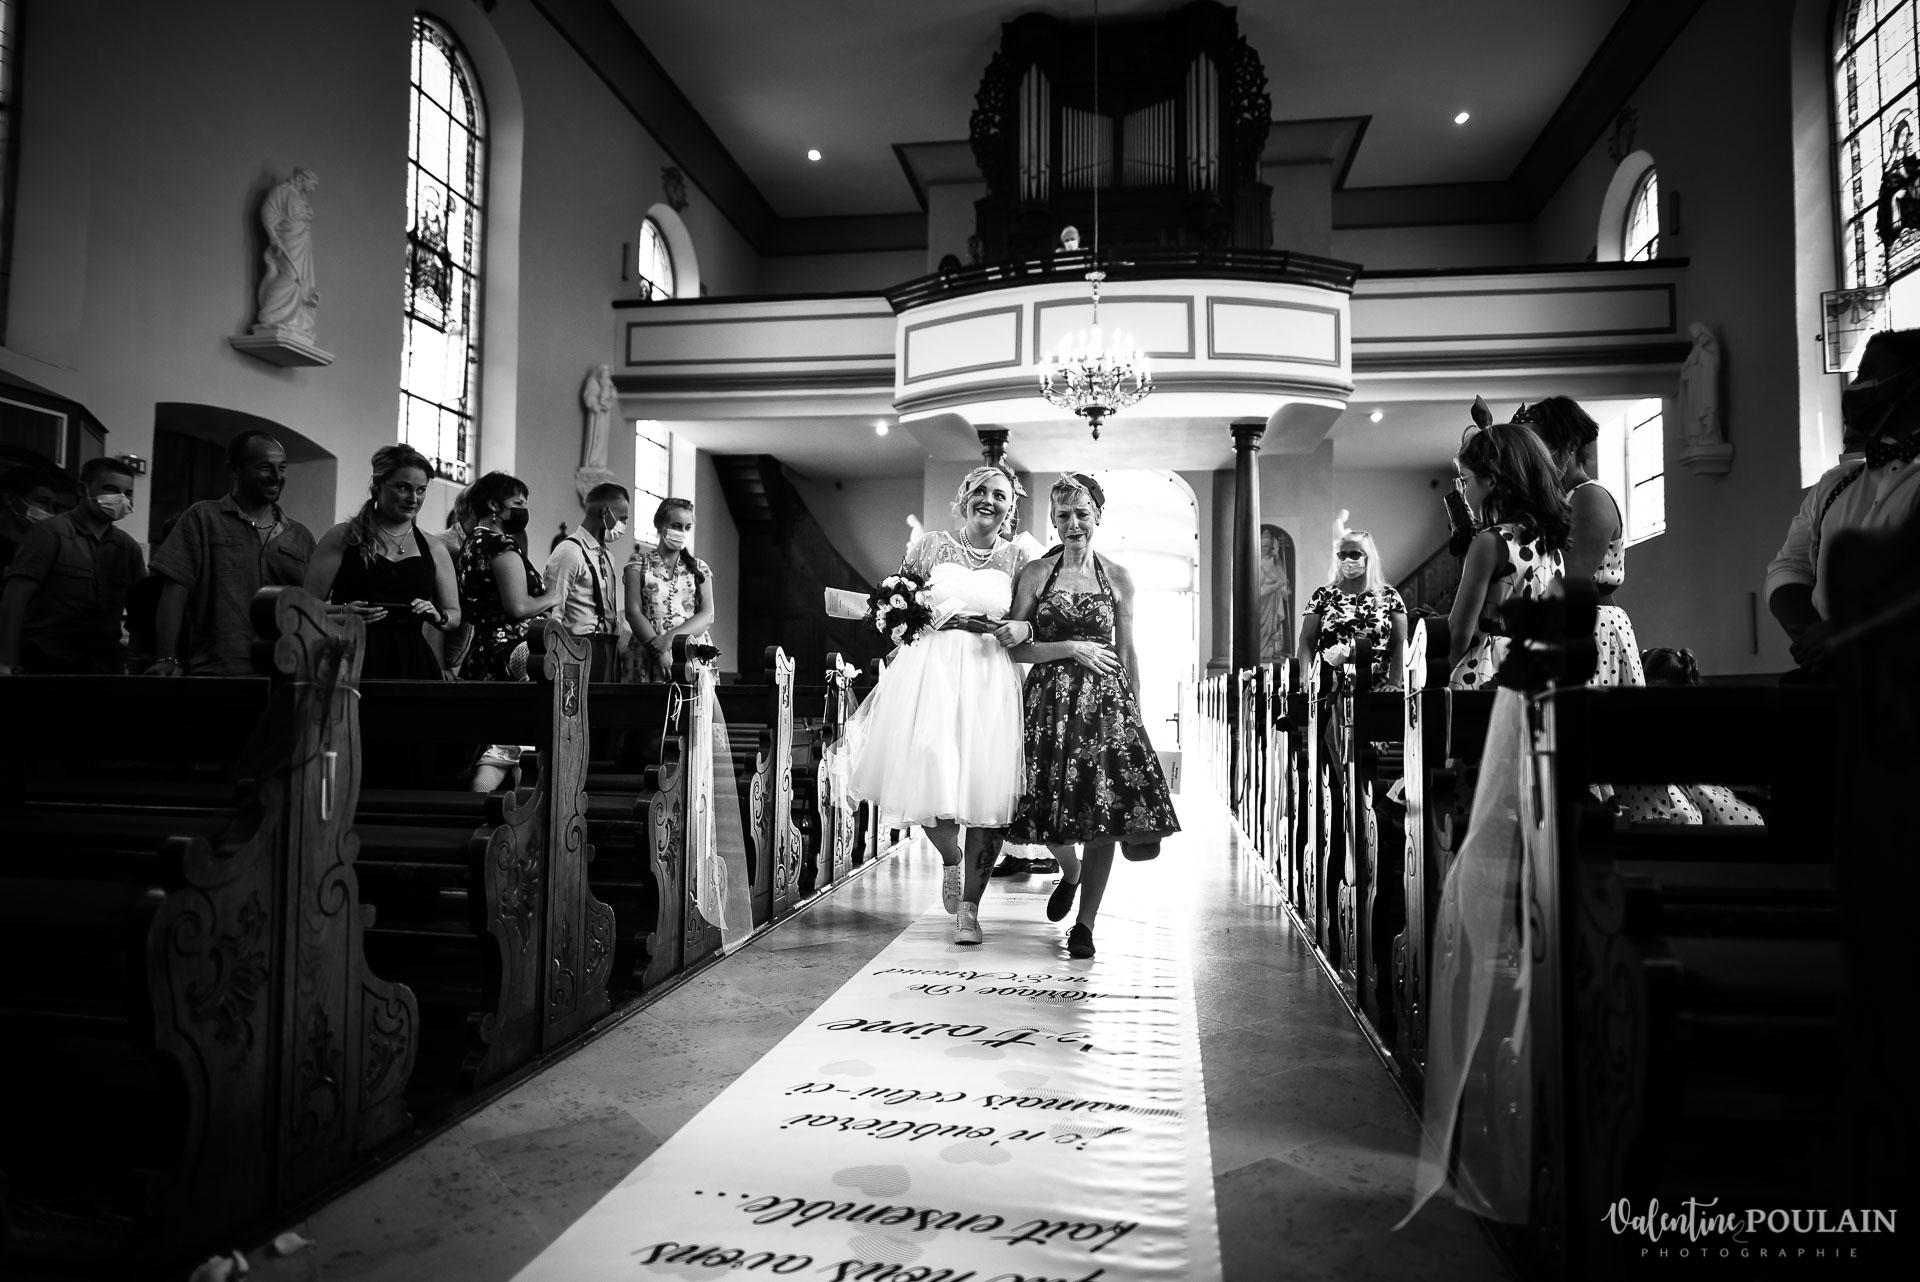 Mariage vintage rockabilly - Valentine Poulain entrée église